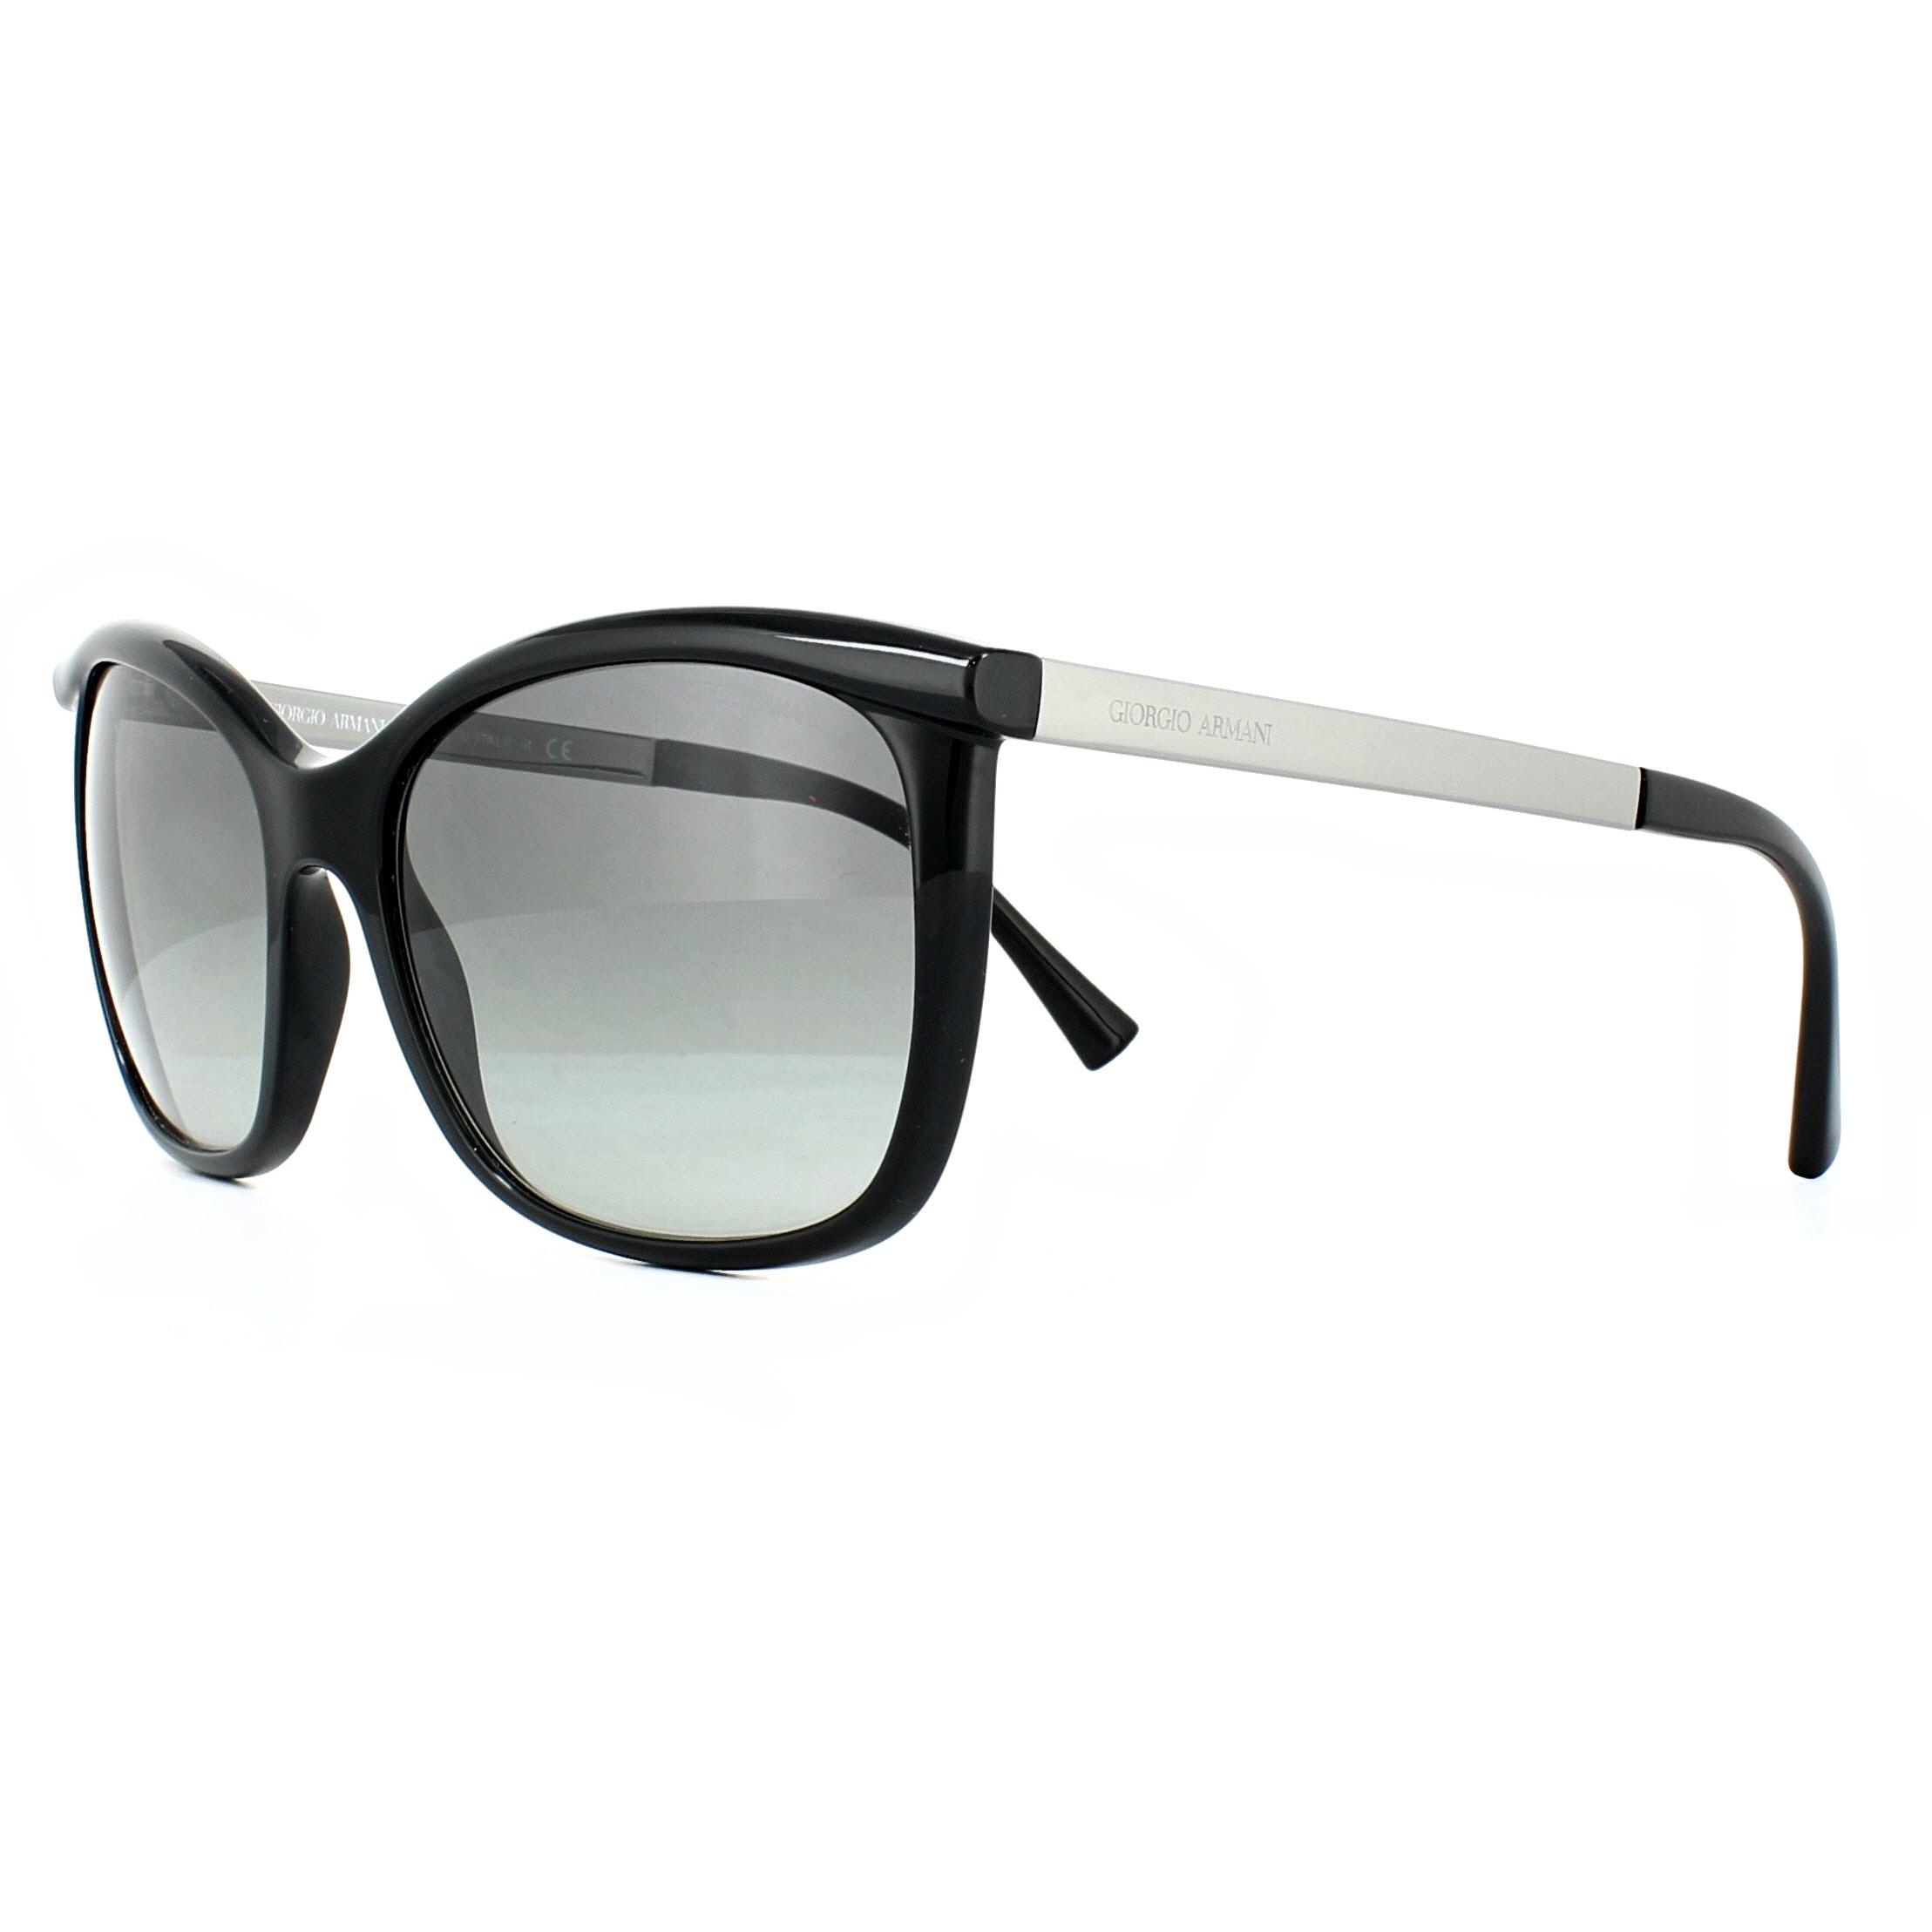 935e8860957c Sentinel Giorgio Armani Sunglasses AR8069 501711 Black Grey Gradient